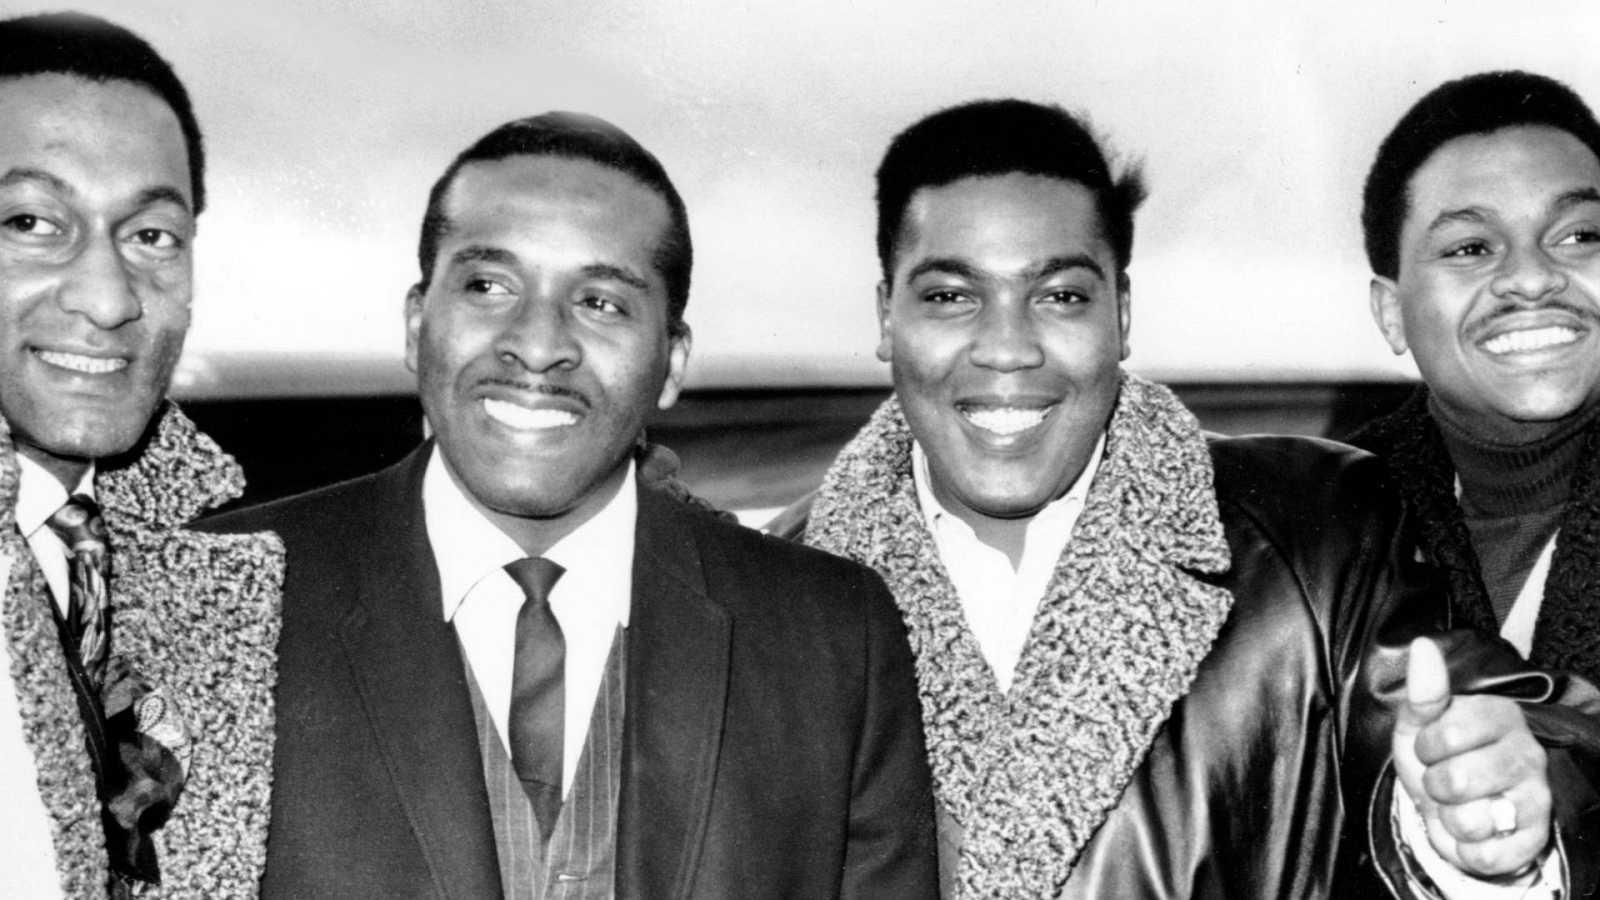 Cierra la puerta - THE FOUR TOPS: Hay vida después de la Motown (Parte 1) - 25/04/21 - escuchar ahora